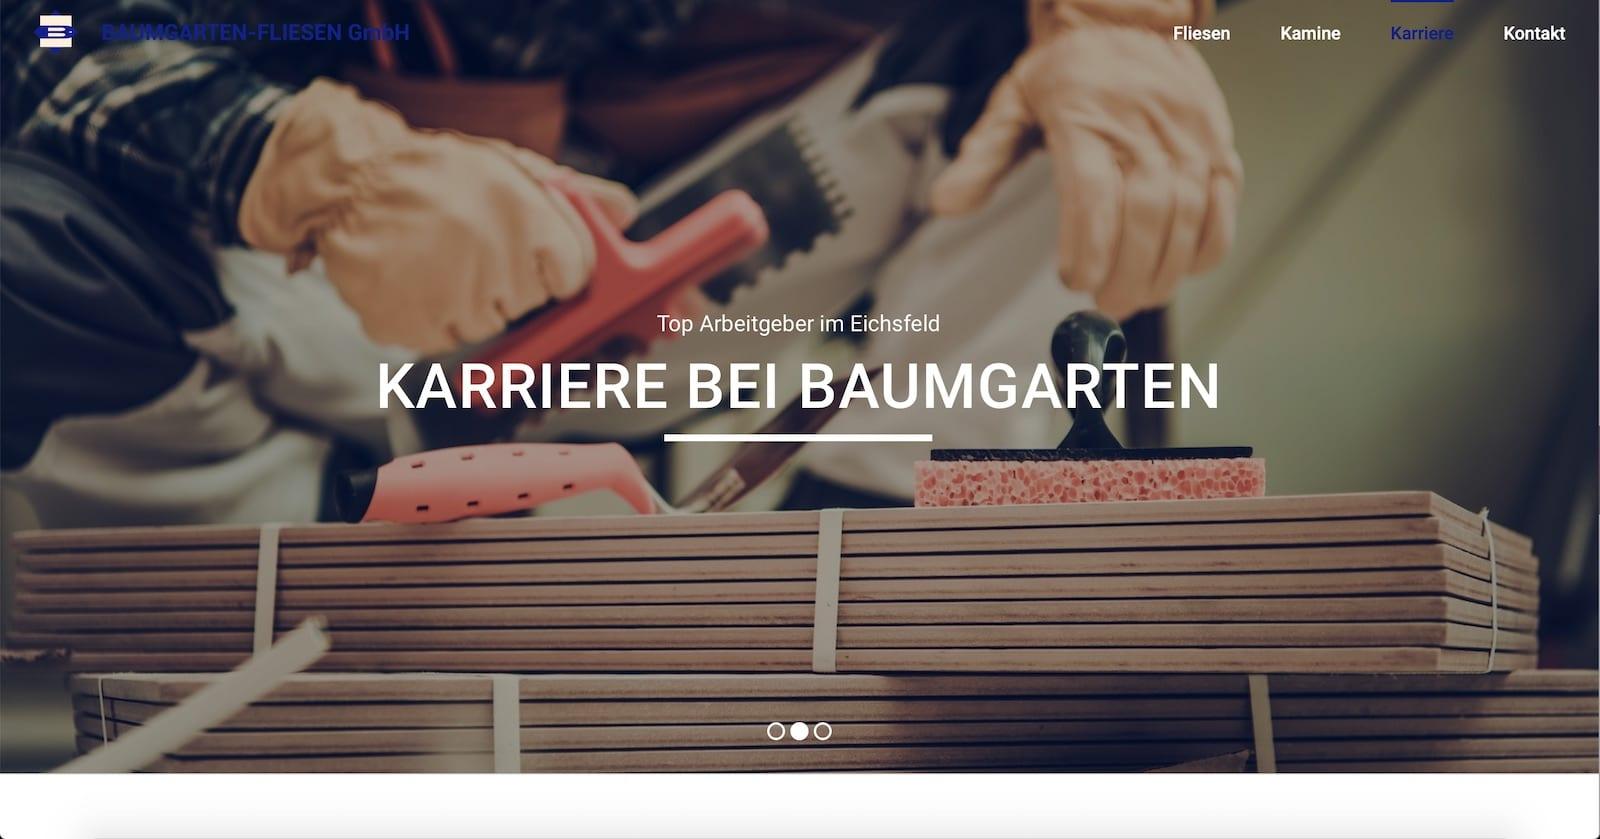 Webseite für Handwerker